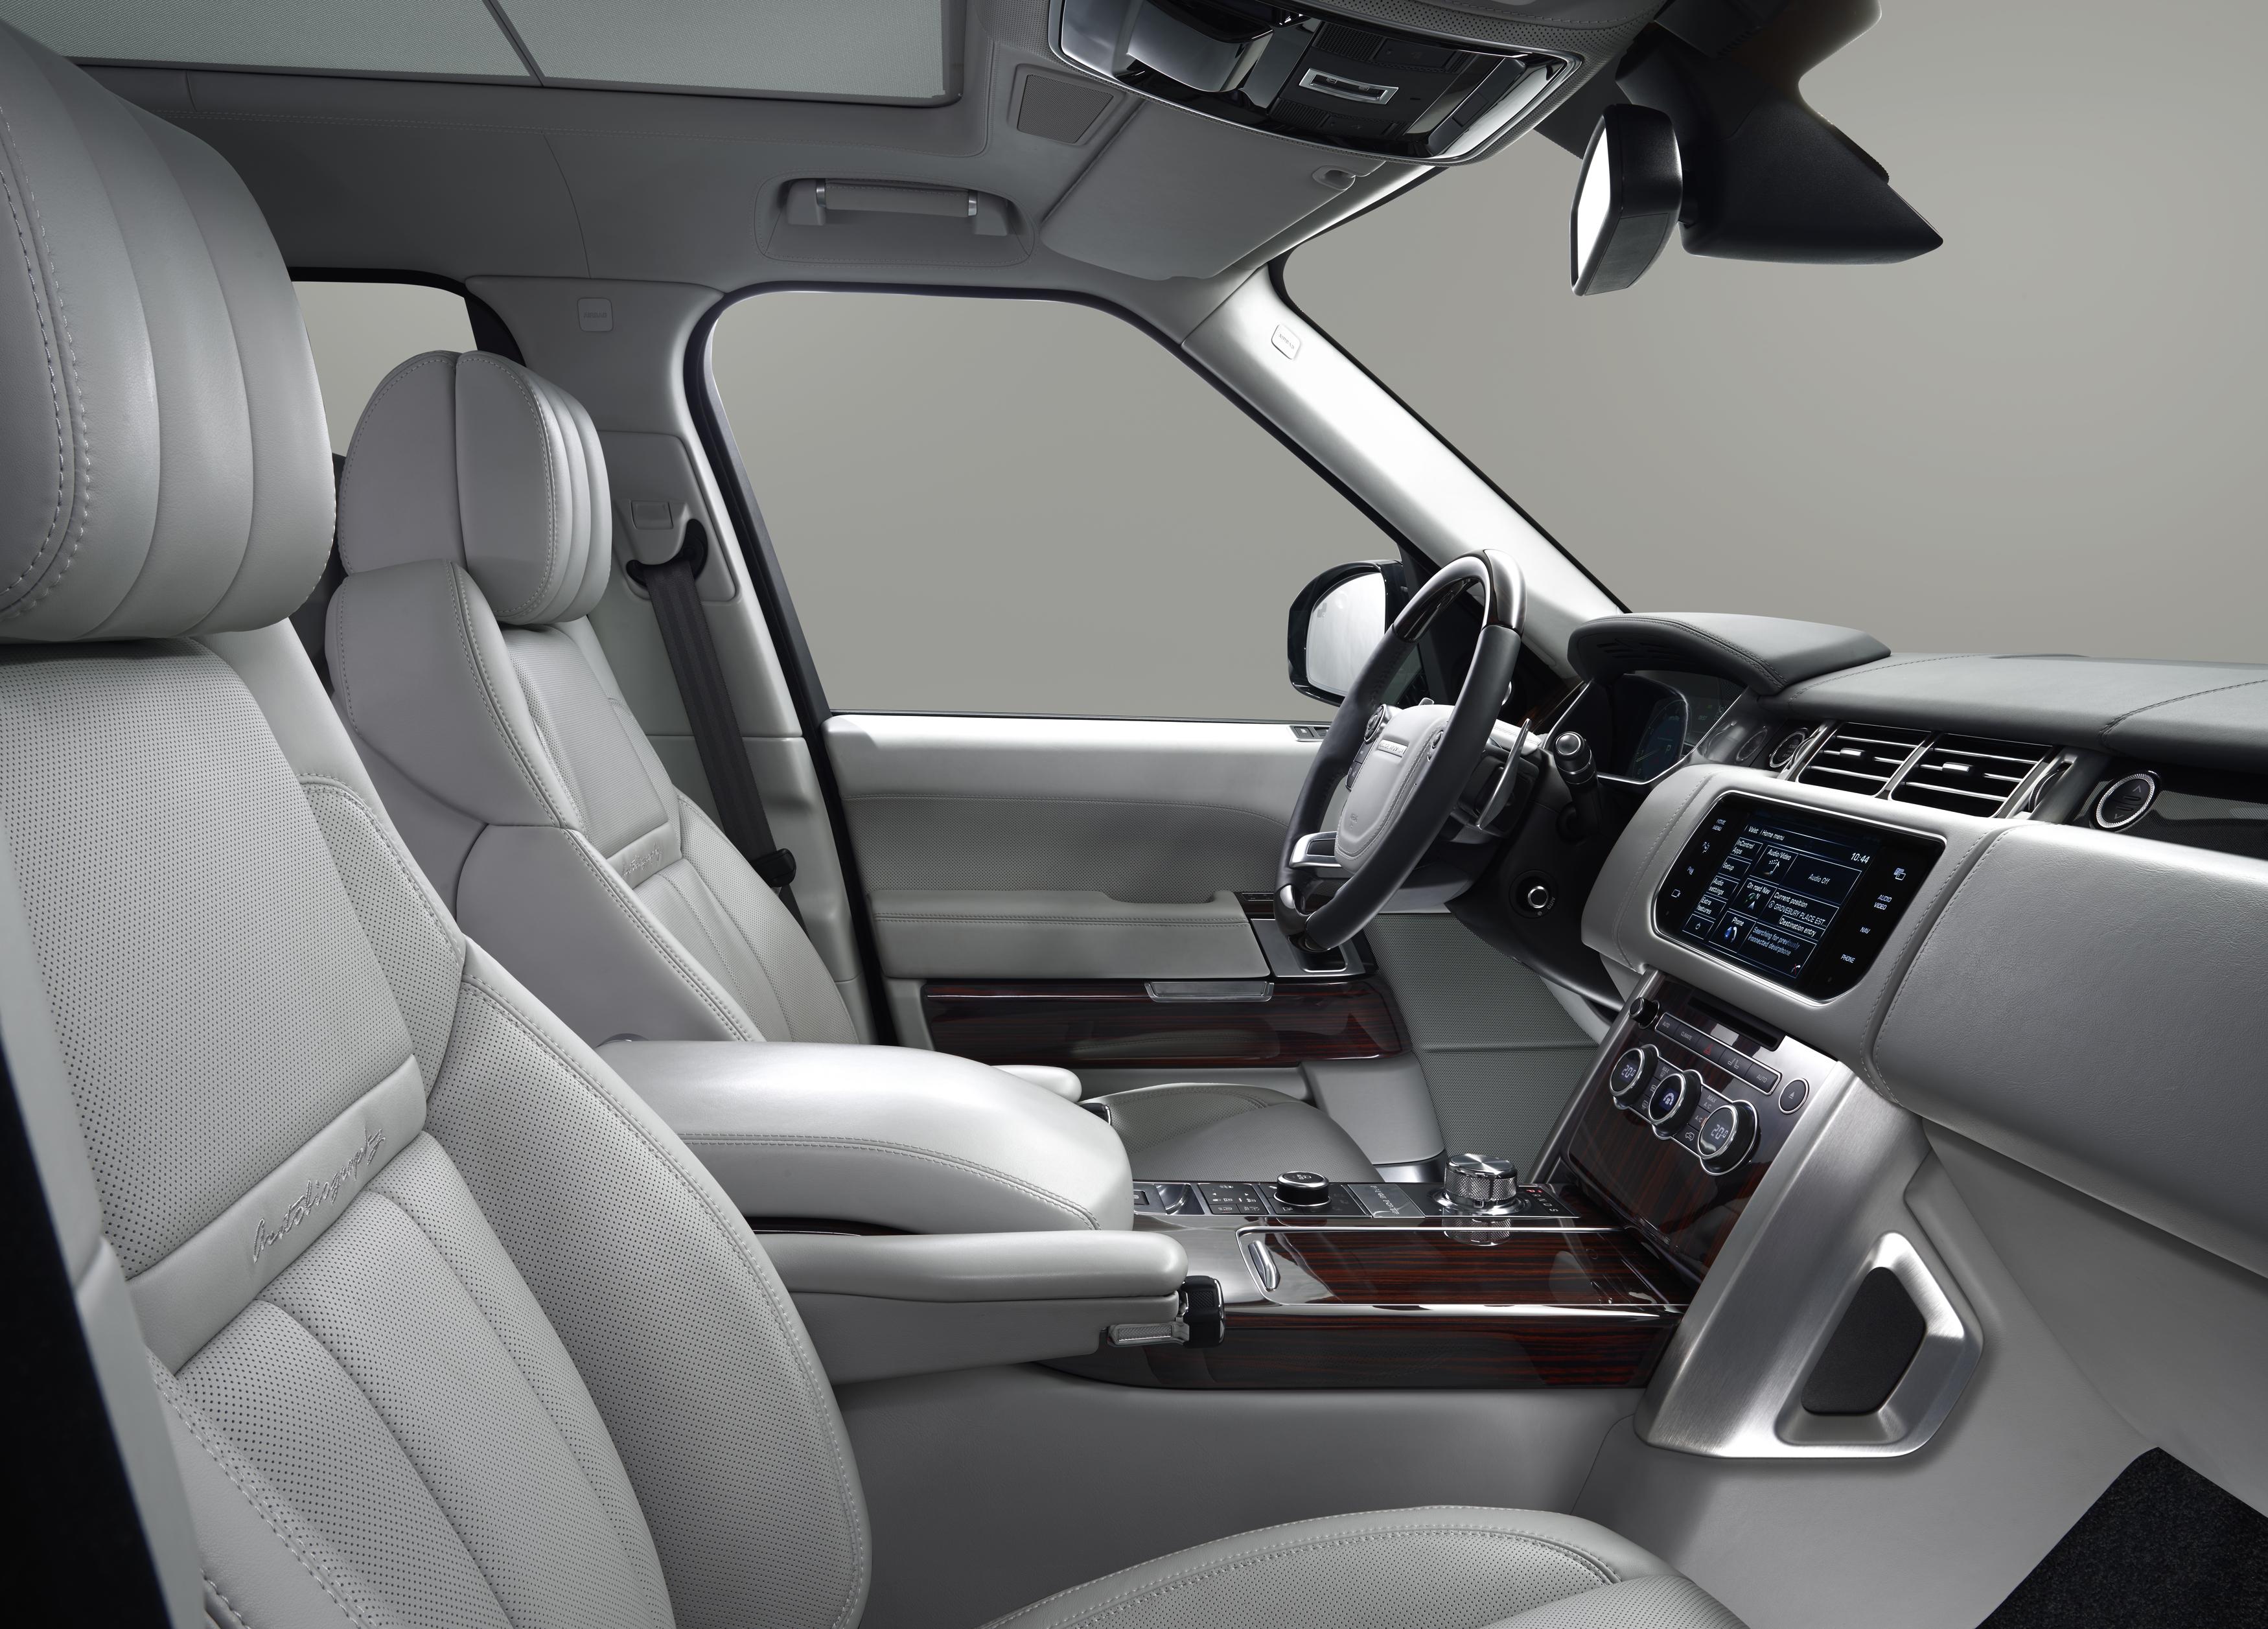 Новые идеи обычно приходят тогда, когда мы их меньше всего ожидаем: например, когда мы расслаблены и не думаем о той или иной задаче.  Фото: Land Rover